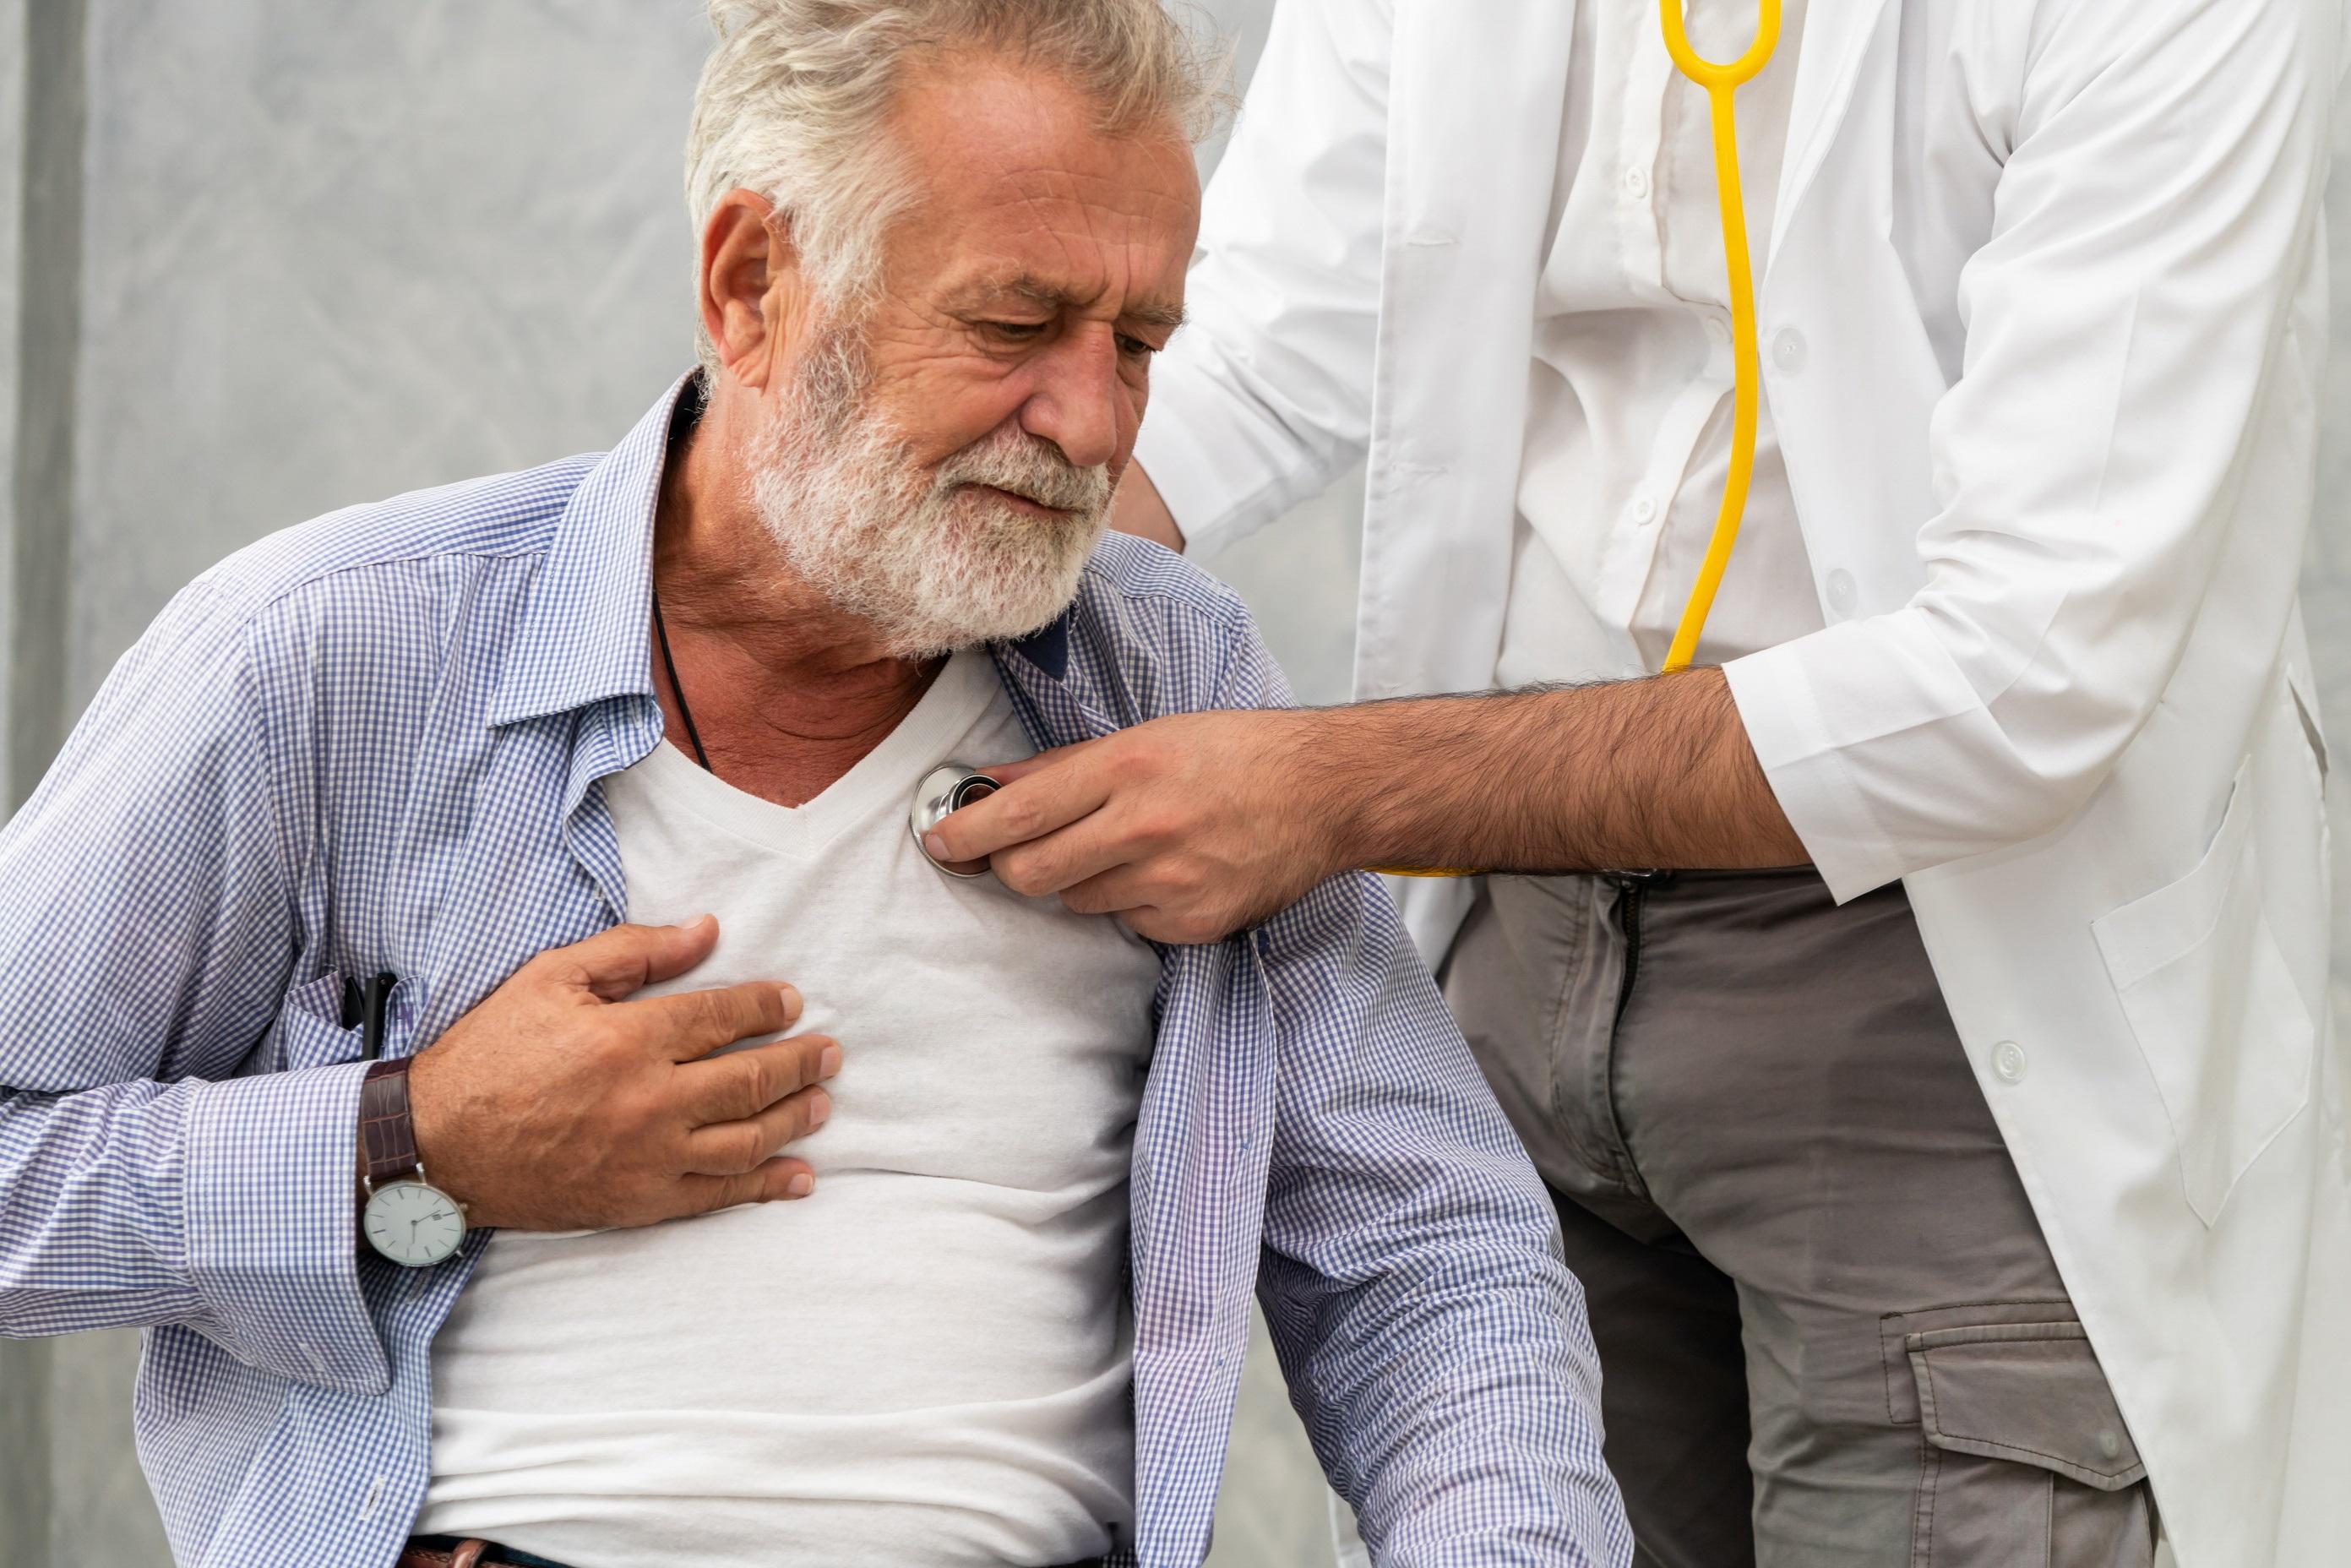 KHK - Entscheidungshilfe: Stents einsetzen bei einer Herzkatheter-Untersuchung? (in Überarbeitung)